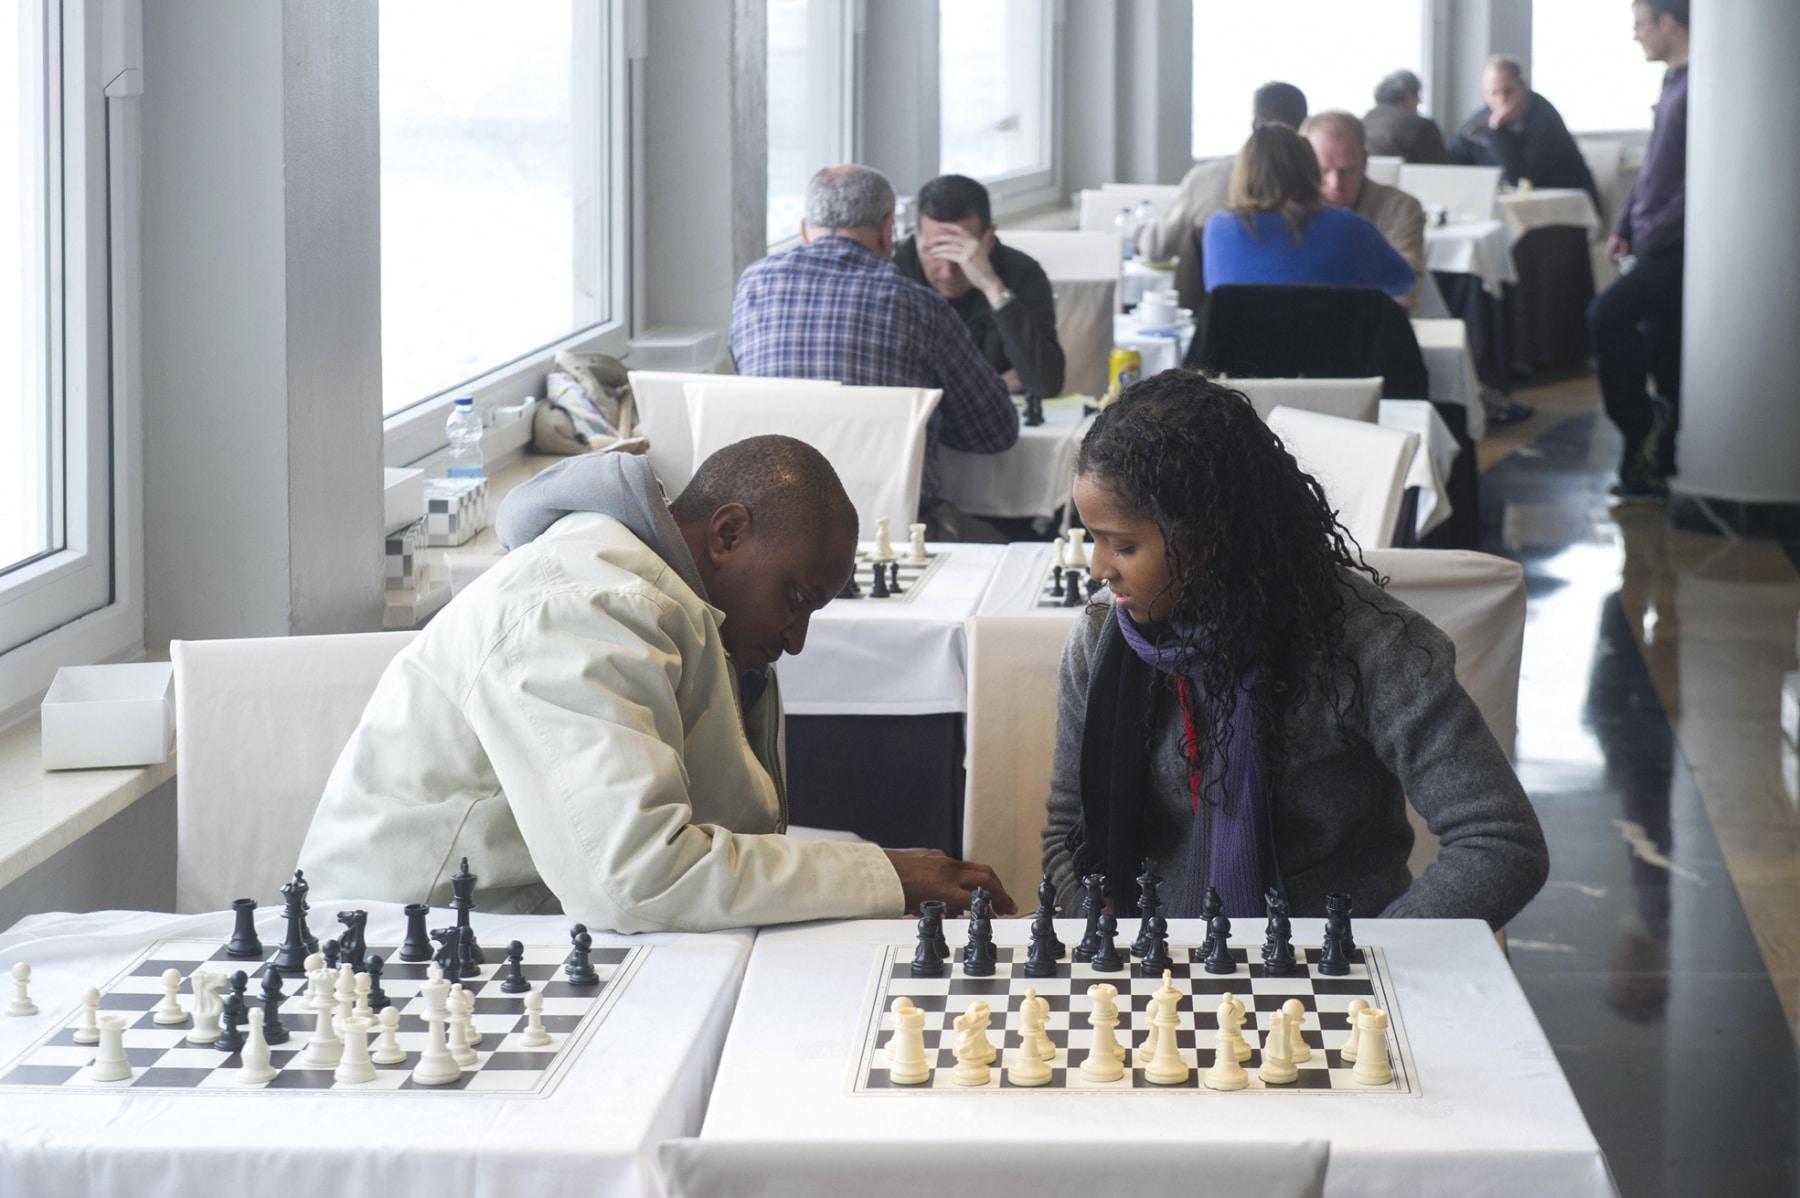 tradewise-chess-festival-entrevistas-y-ambiente31_12249601656_o